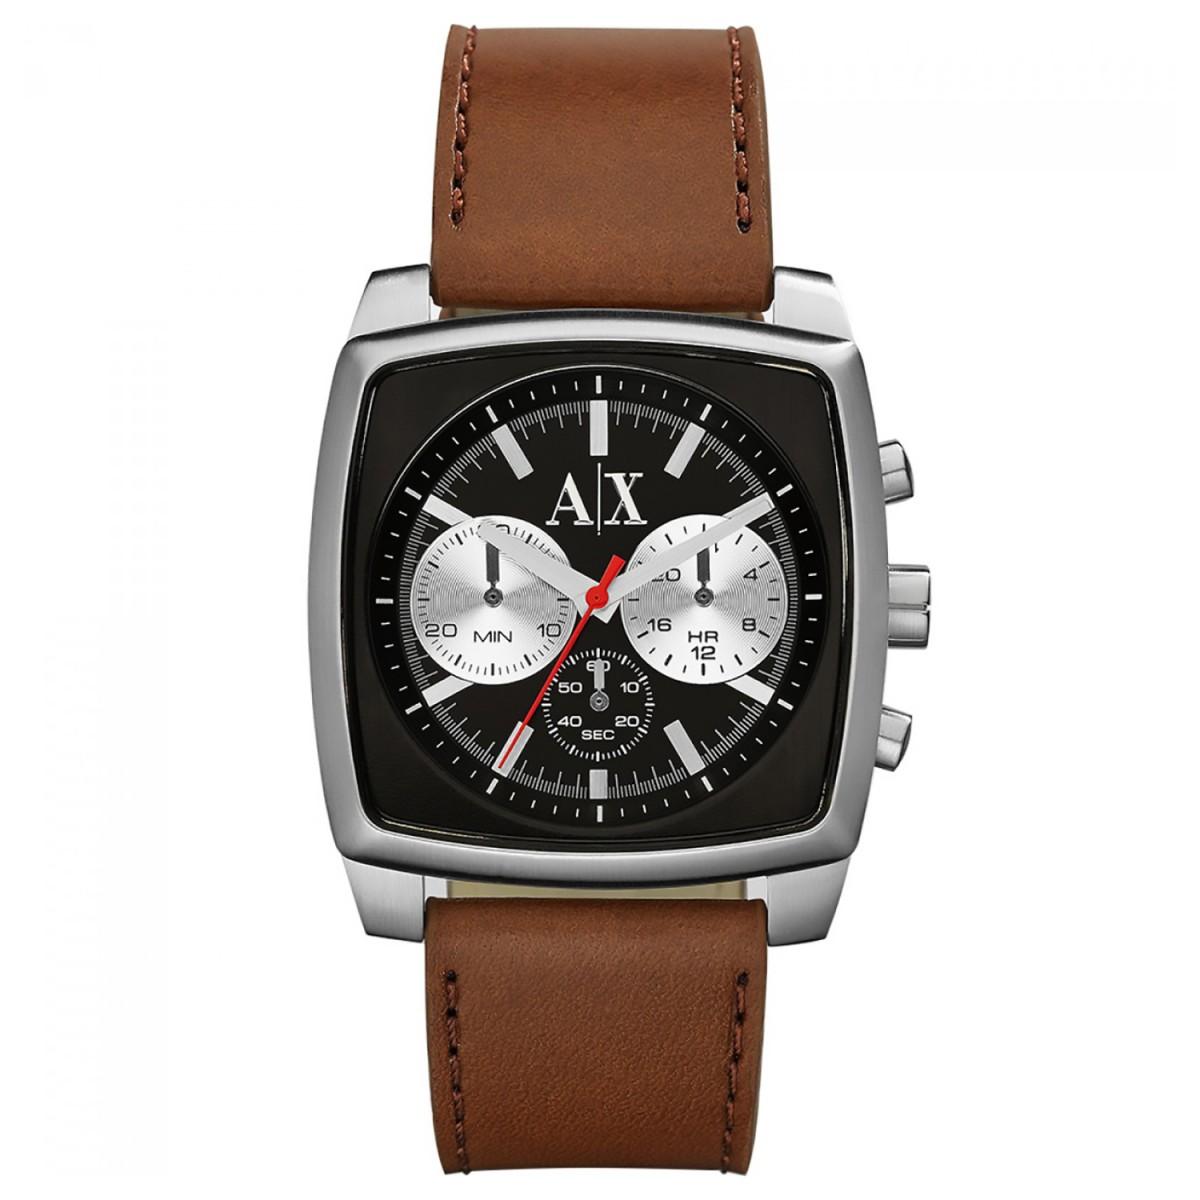 d176717e1f3 Compre Relógio Armani Exchange em 10X